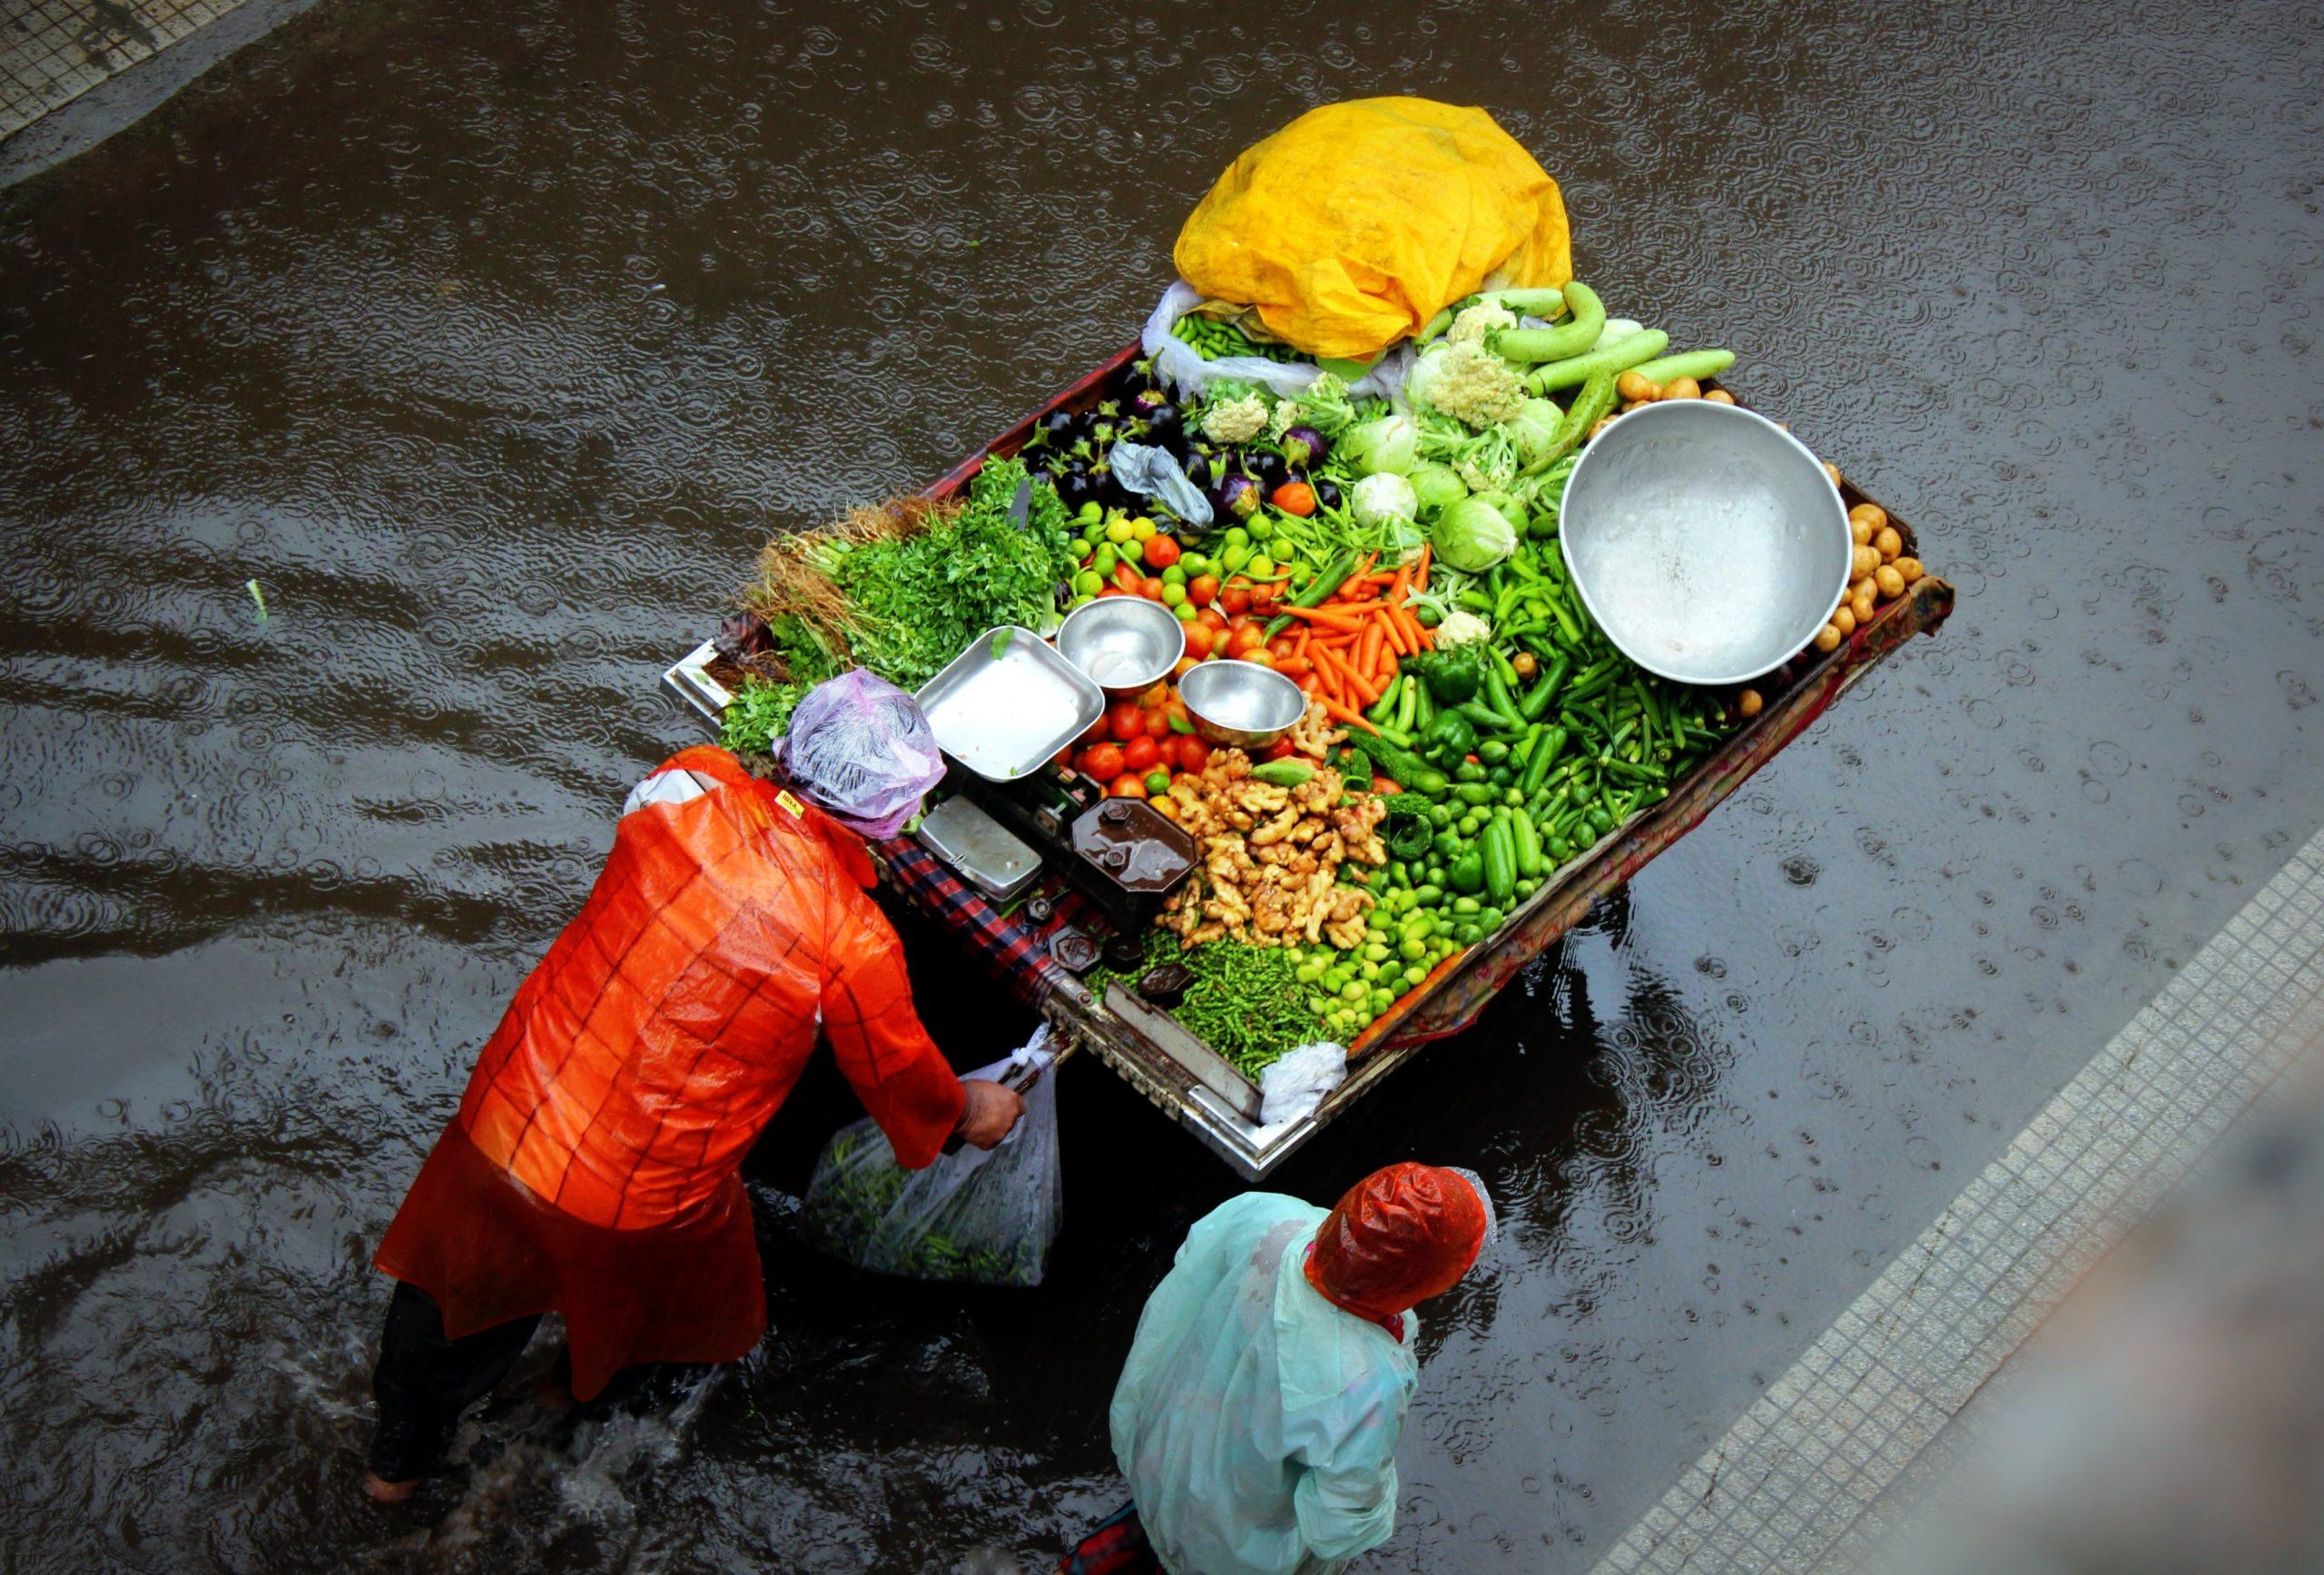 two people pushing food cart